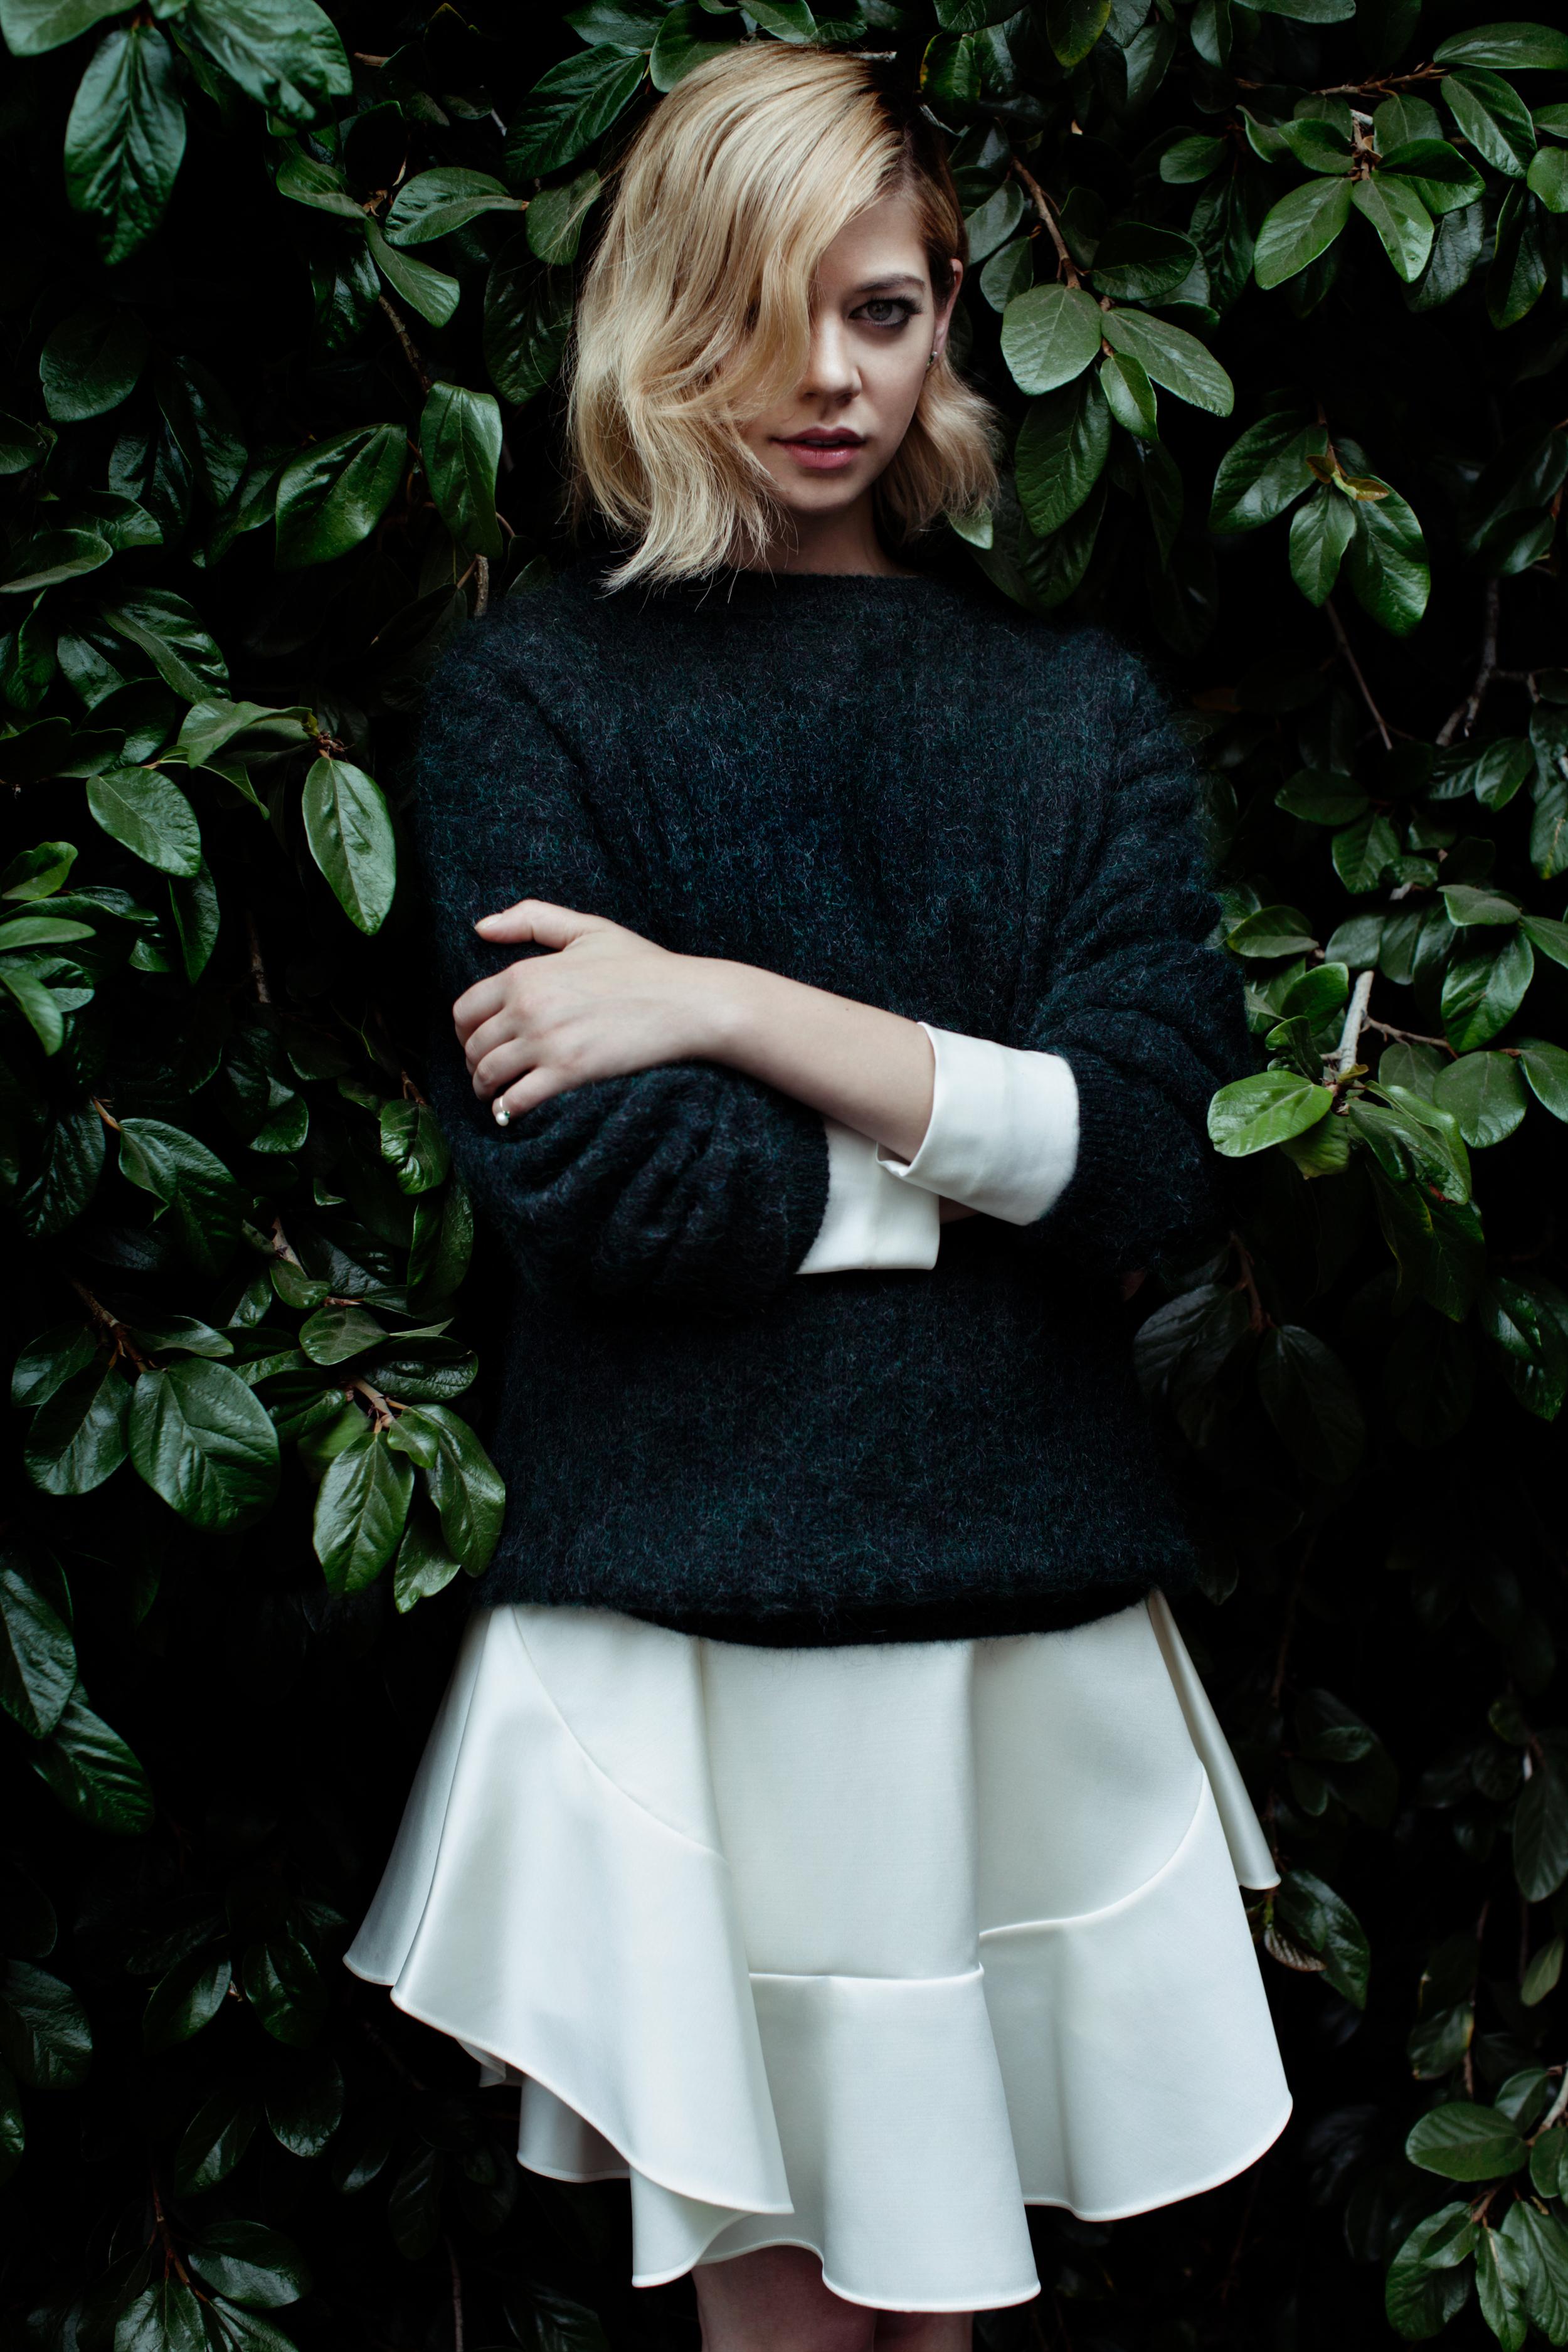 Analeigh Tipton / The Wild Magazine